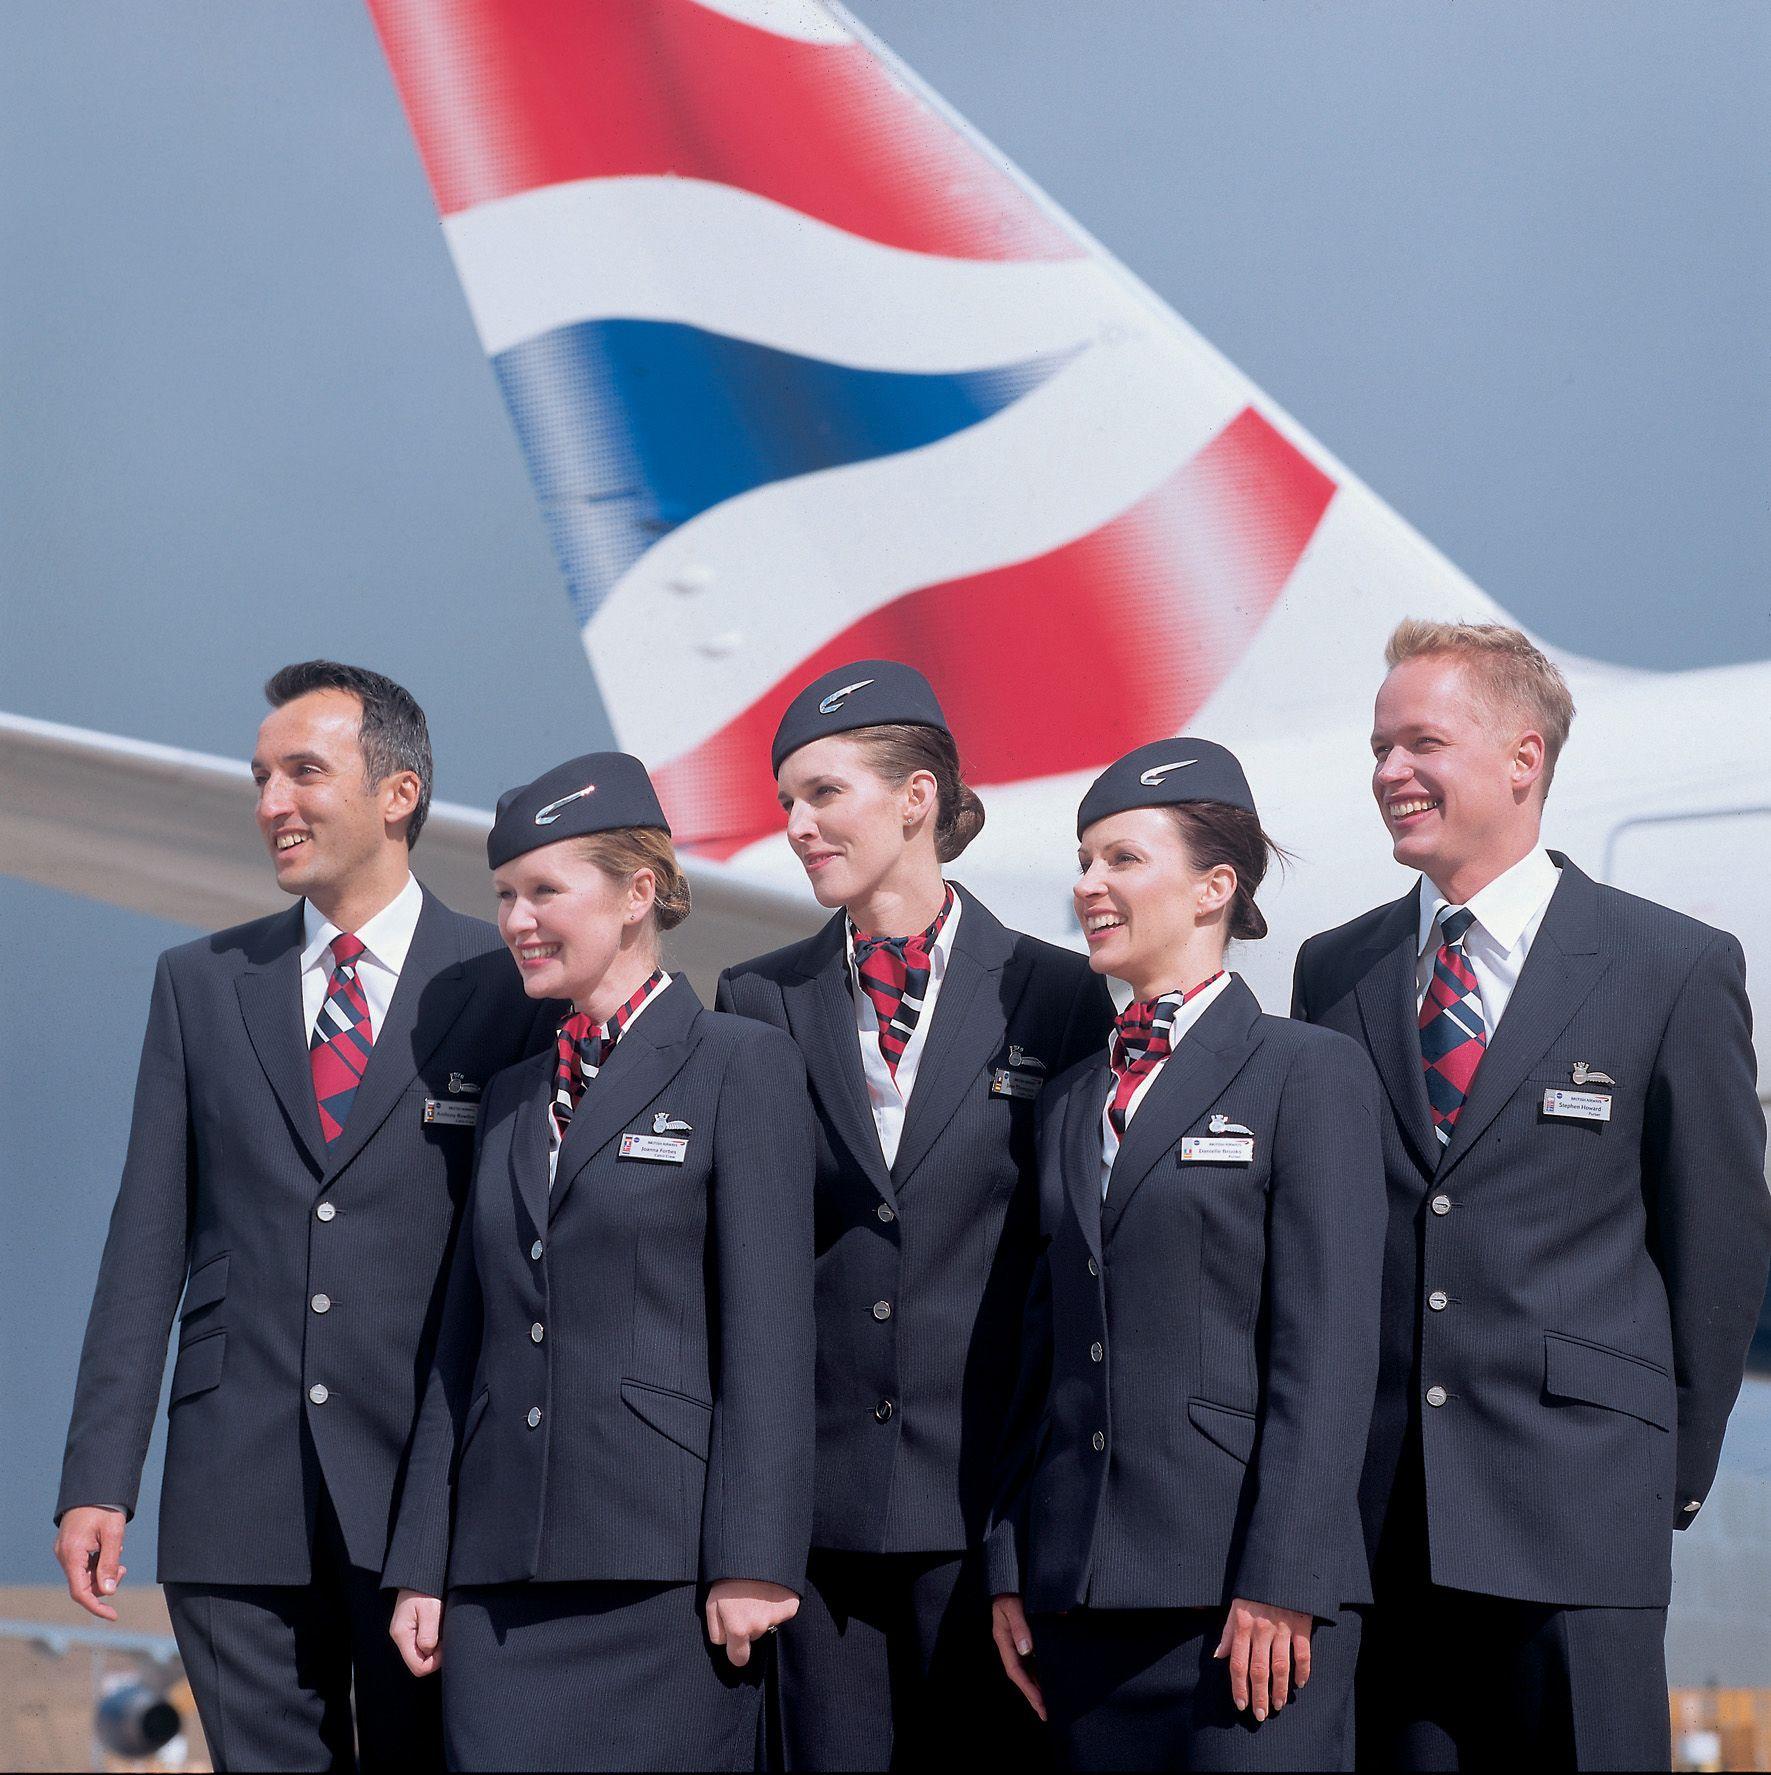 British Airways cabin crew | Auxiliar de vuelo, Azafata